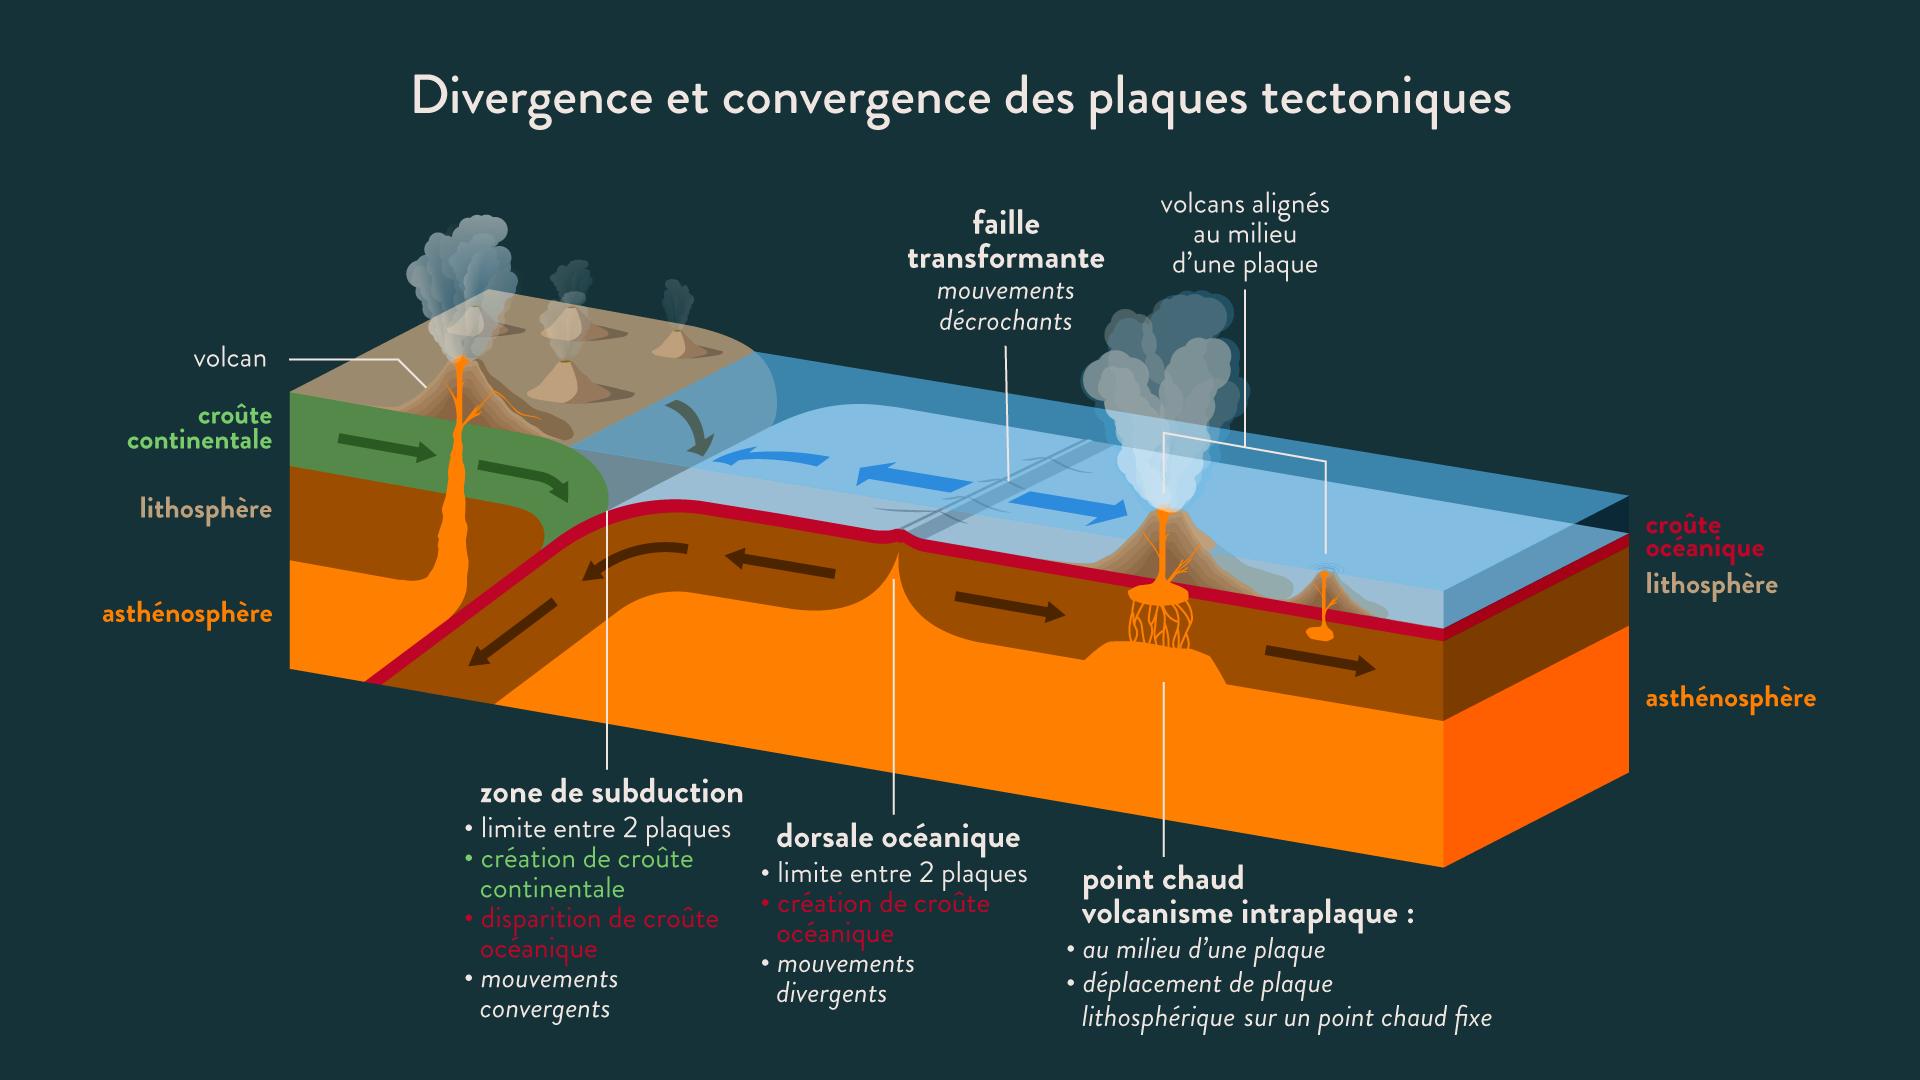 Divergence et convergence des plaques tectoniques